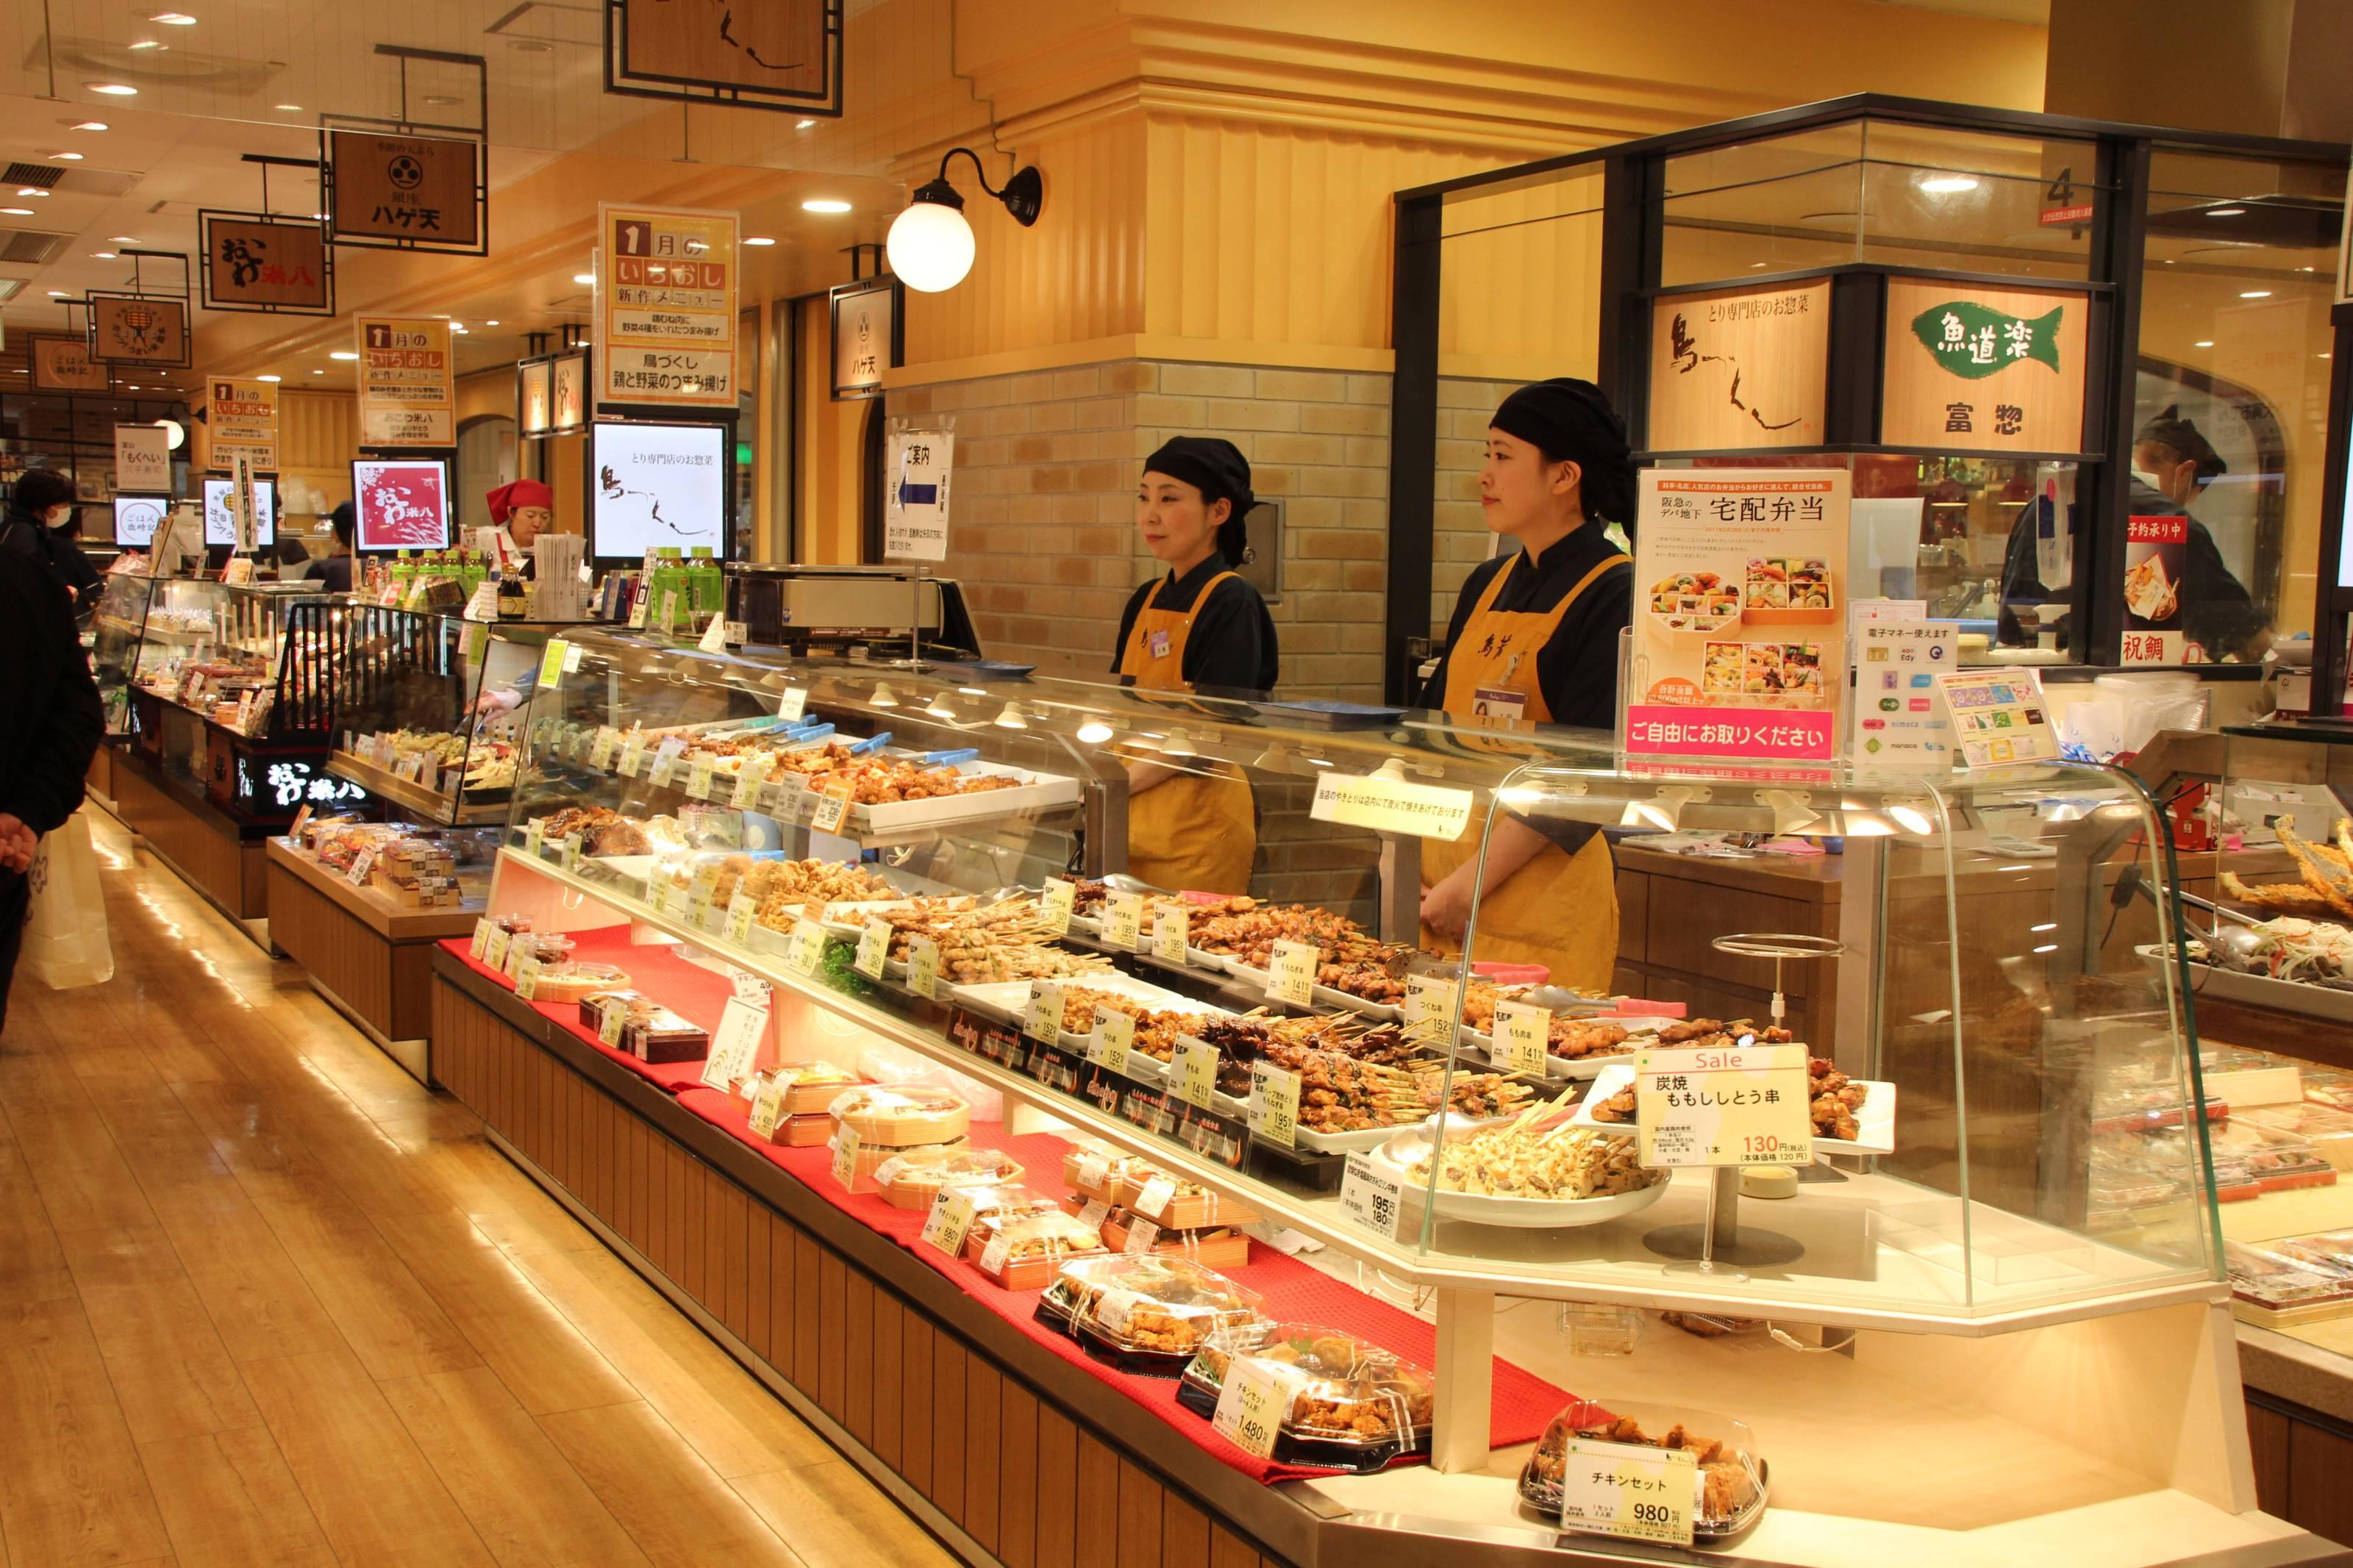 鳥芳 博多阪急店(株式会社鳥芳)